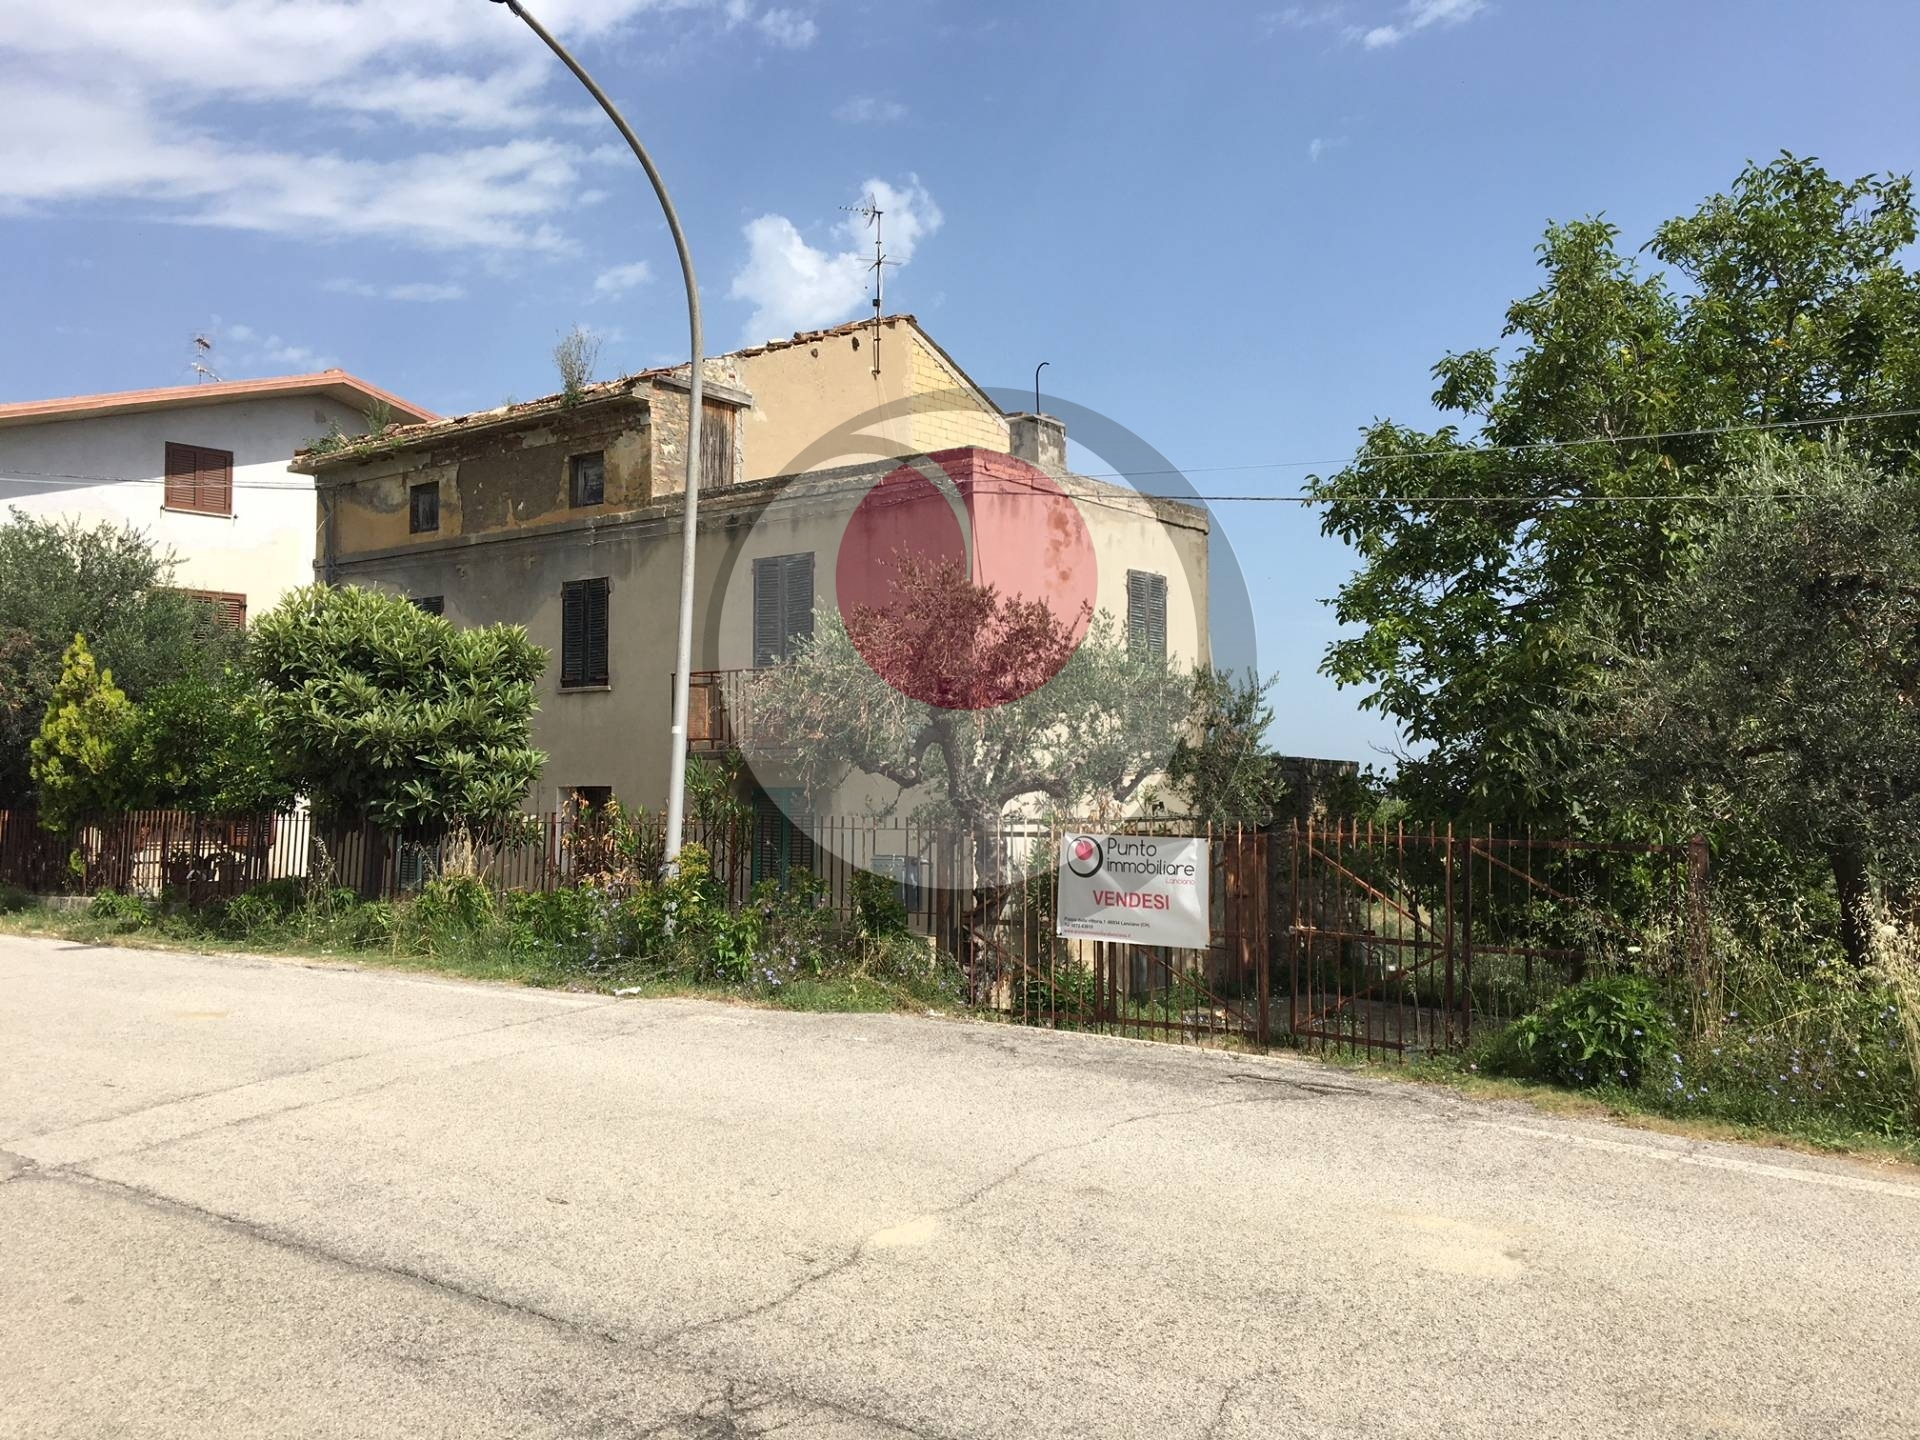 Rustico / Casale in vendita a Frisa, 8 locali, prezzo € 83.000 | CambioCasa.it